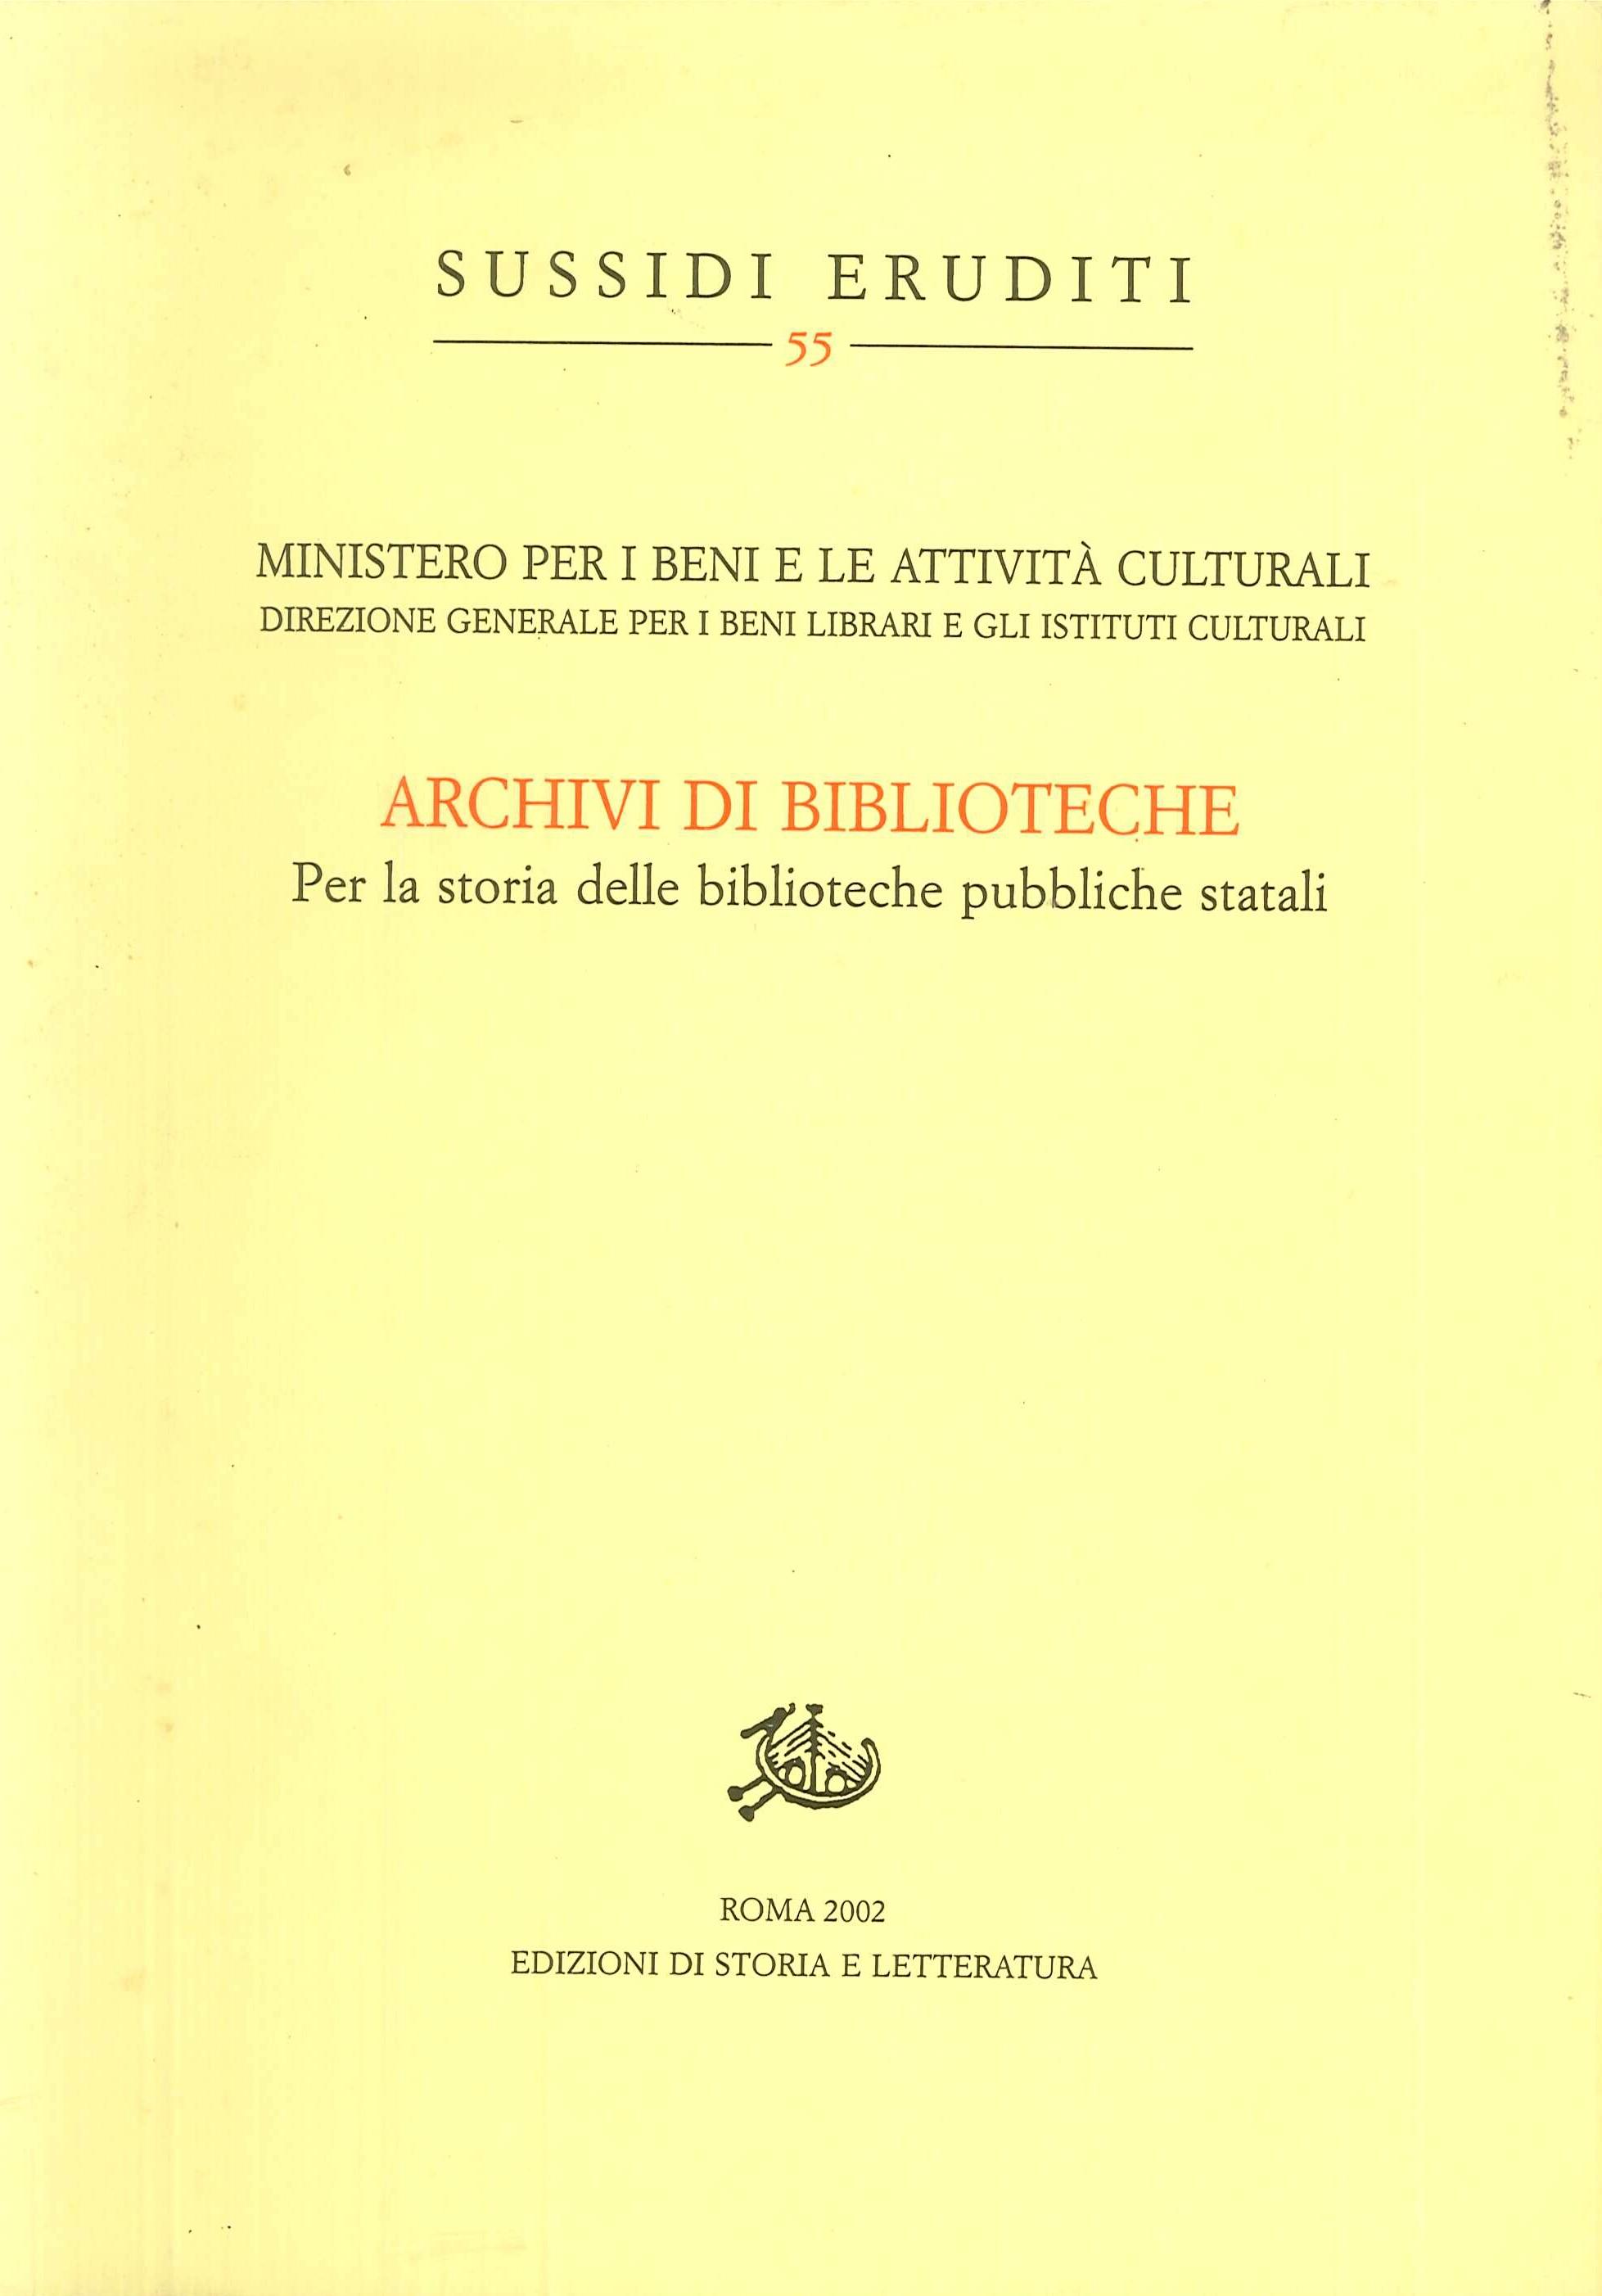 Archivi di biblioteche. Per la storia delle biblioteche pubbliche statali